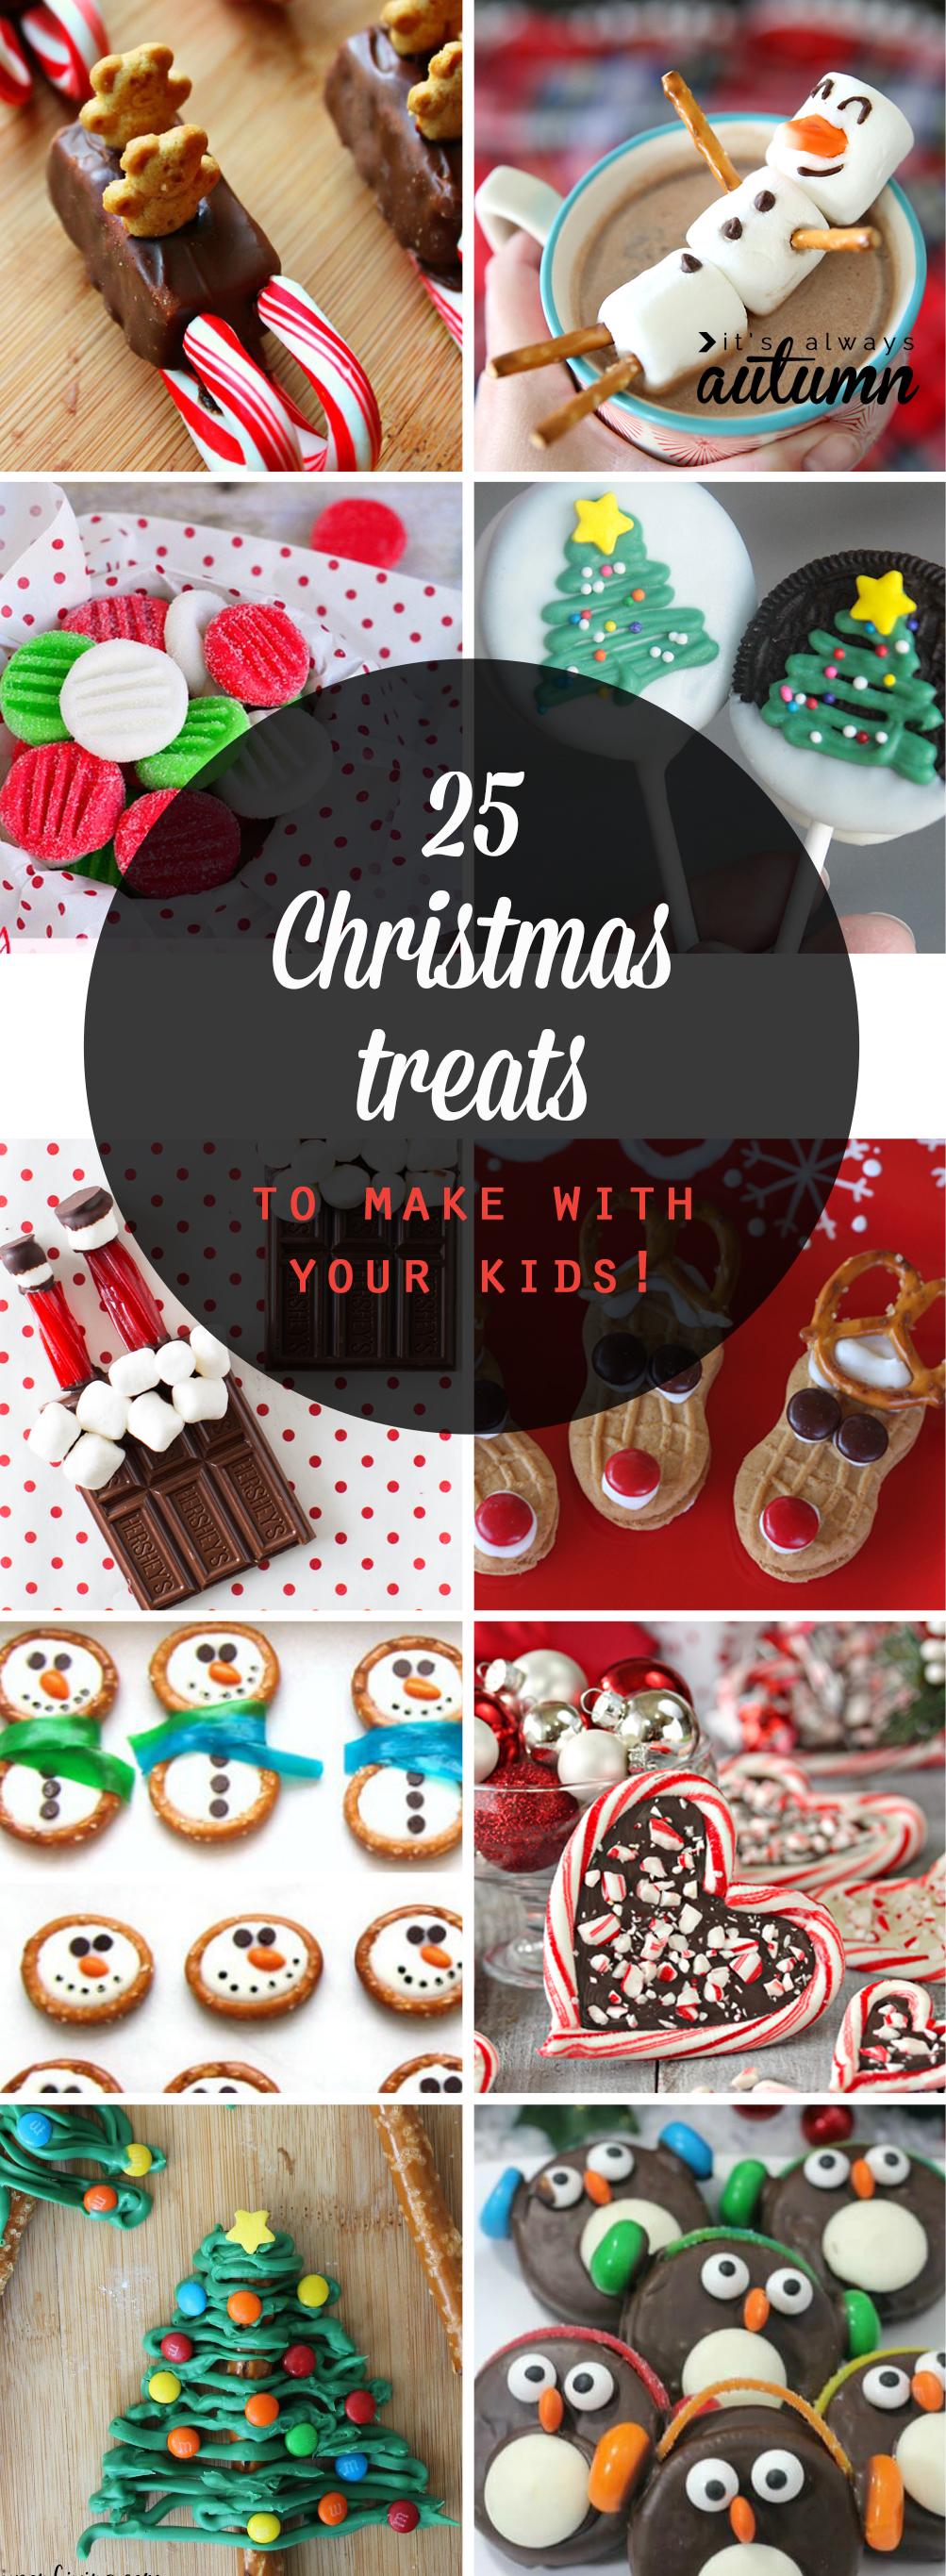 christmas-treats-to-make-with-your-kids-fun-holiday-dessert-food-edible-gift-pinnable